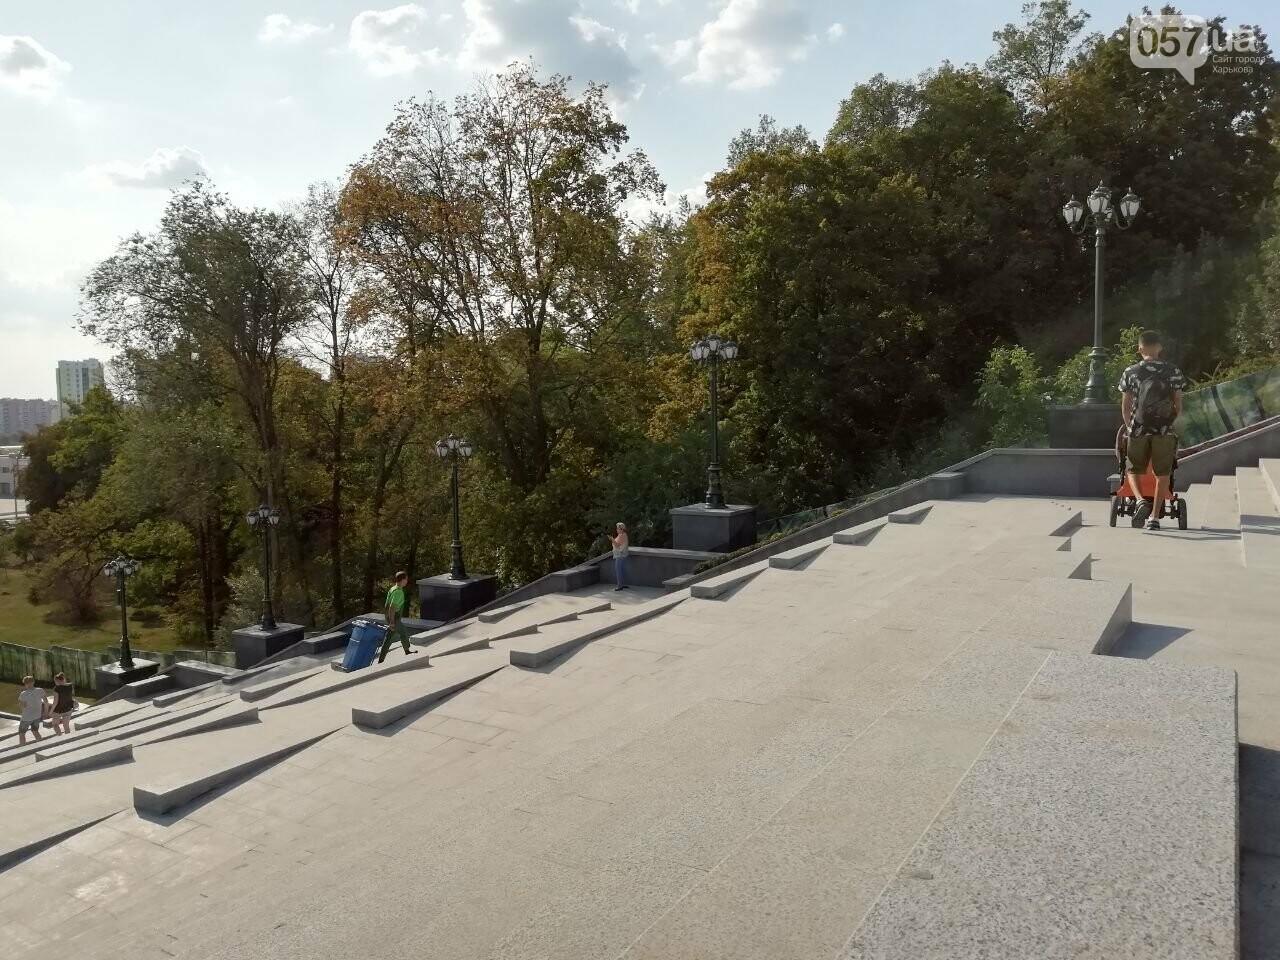 В центре Харькова появился новый фонтан и «Каскад» после реконструкции, - ФОТО, фото-9